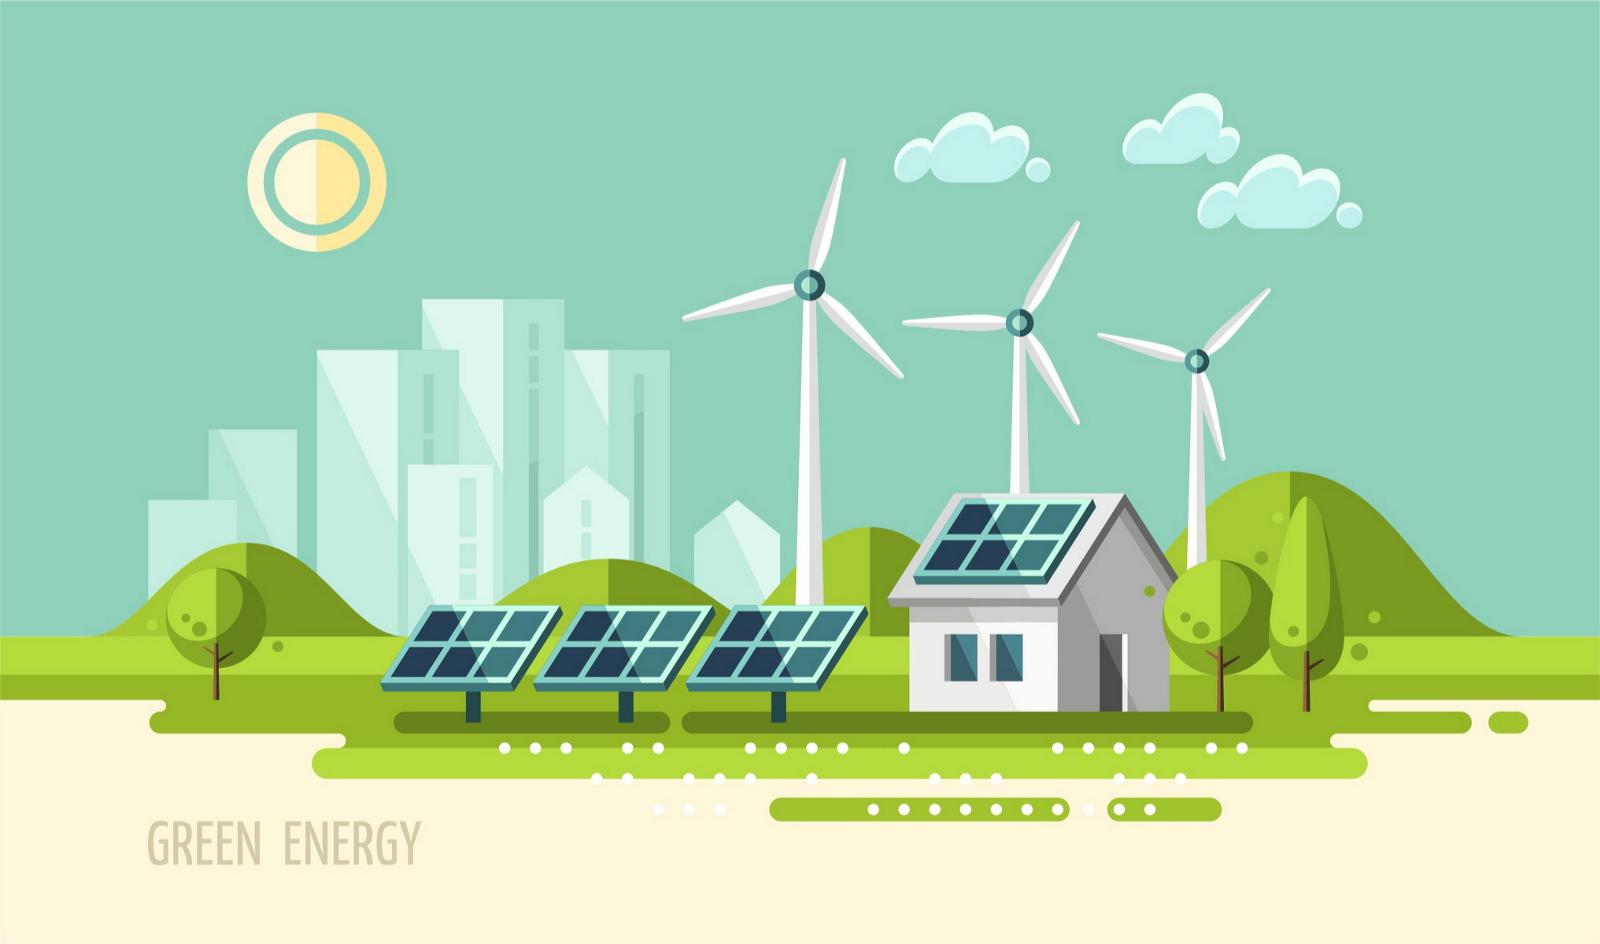 Возобновляемая, «зеленая» или регенеративная энергия